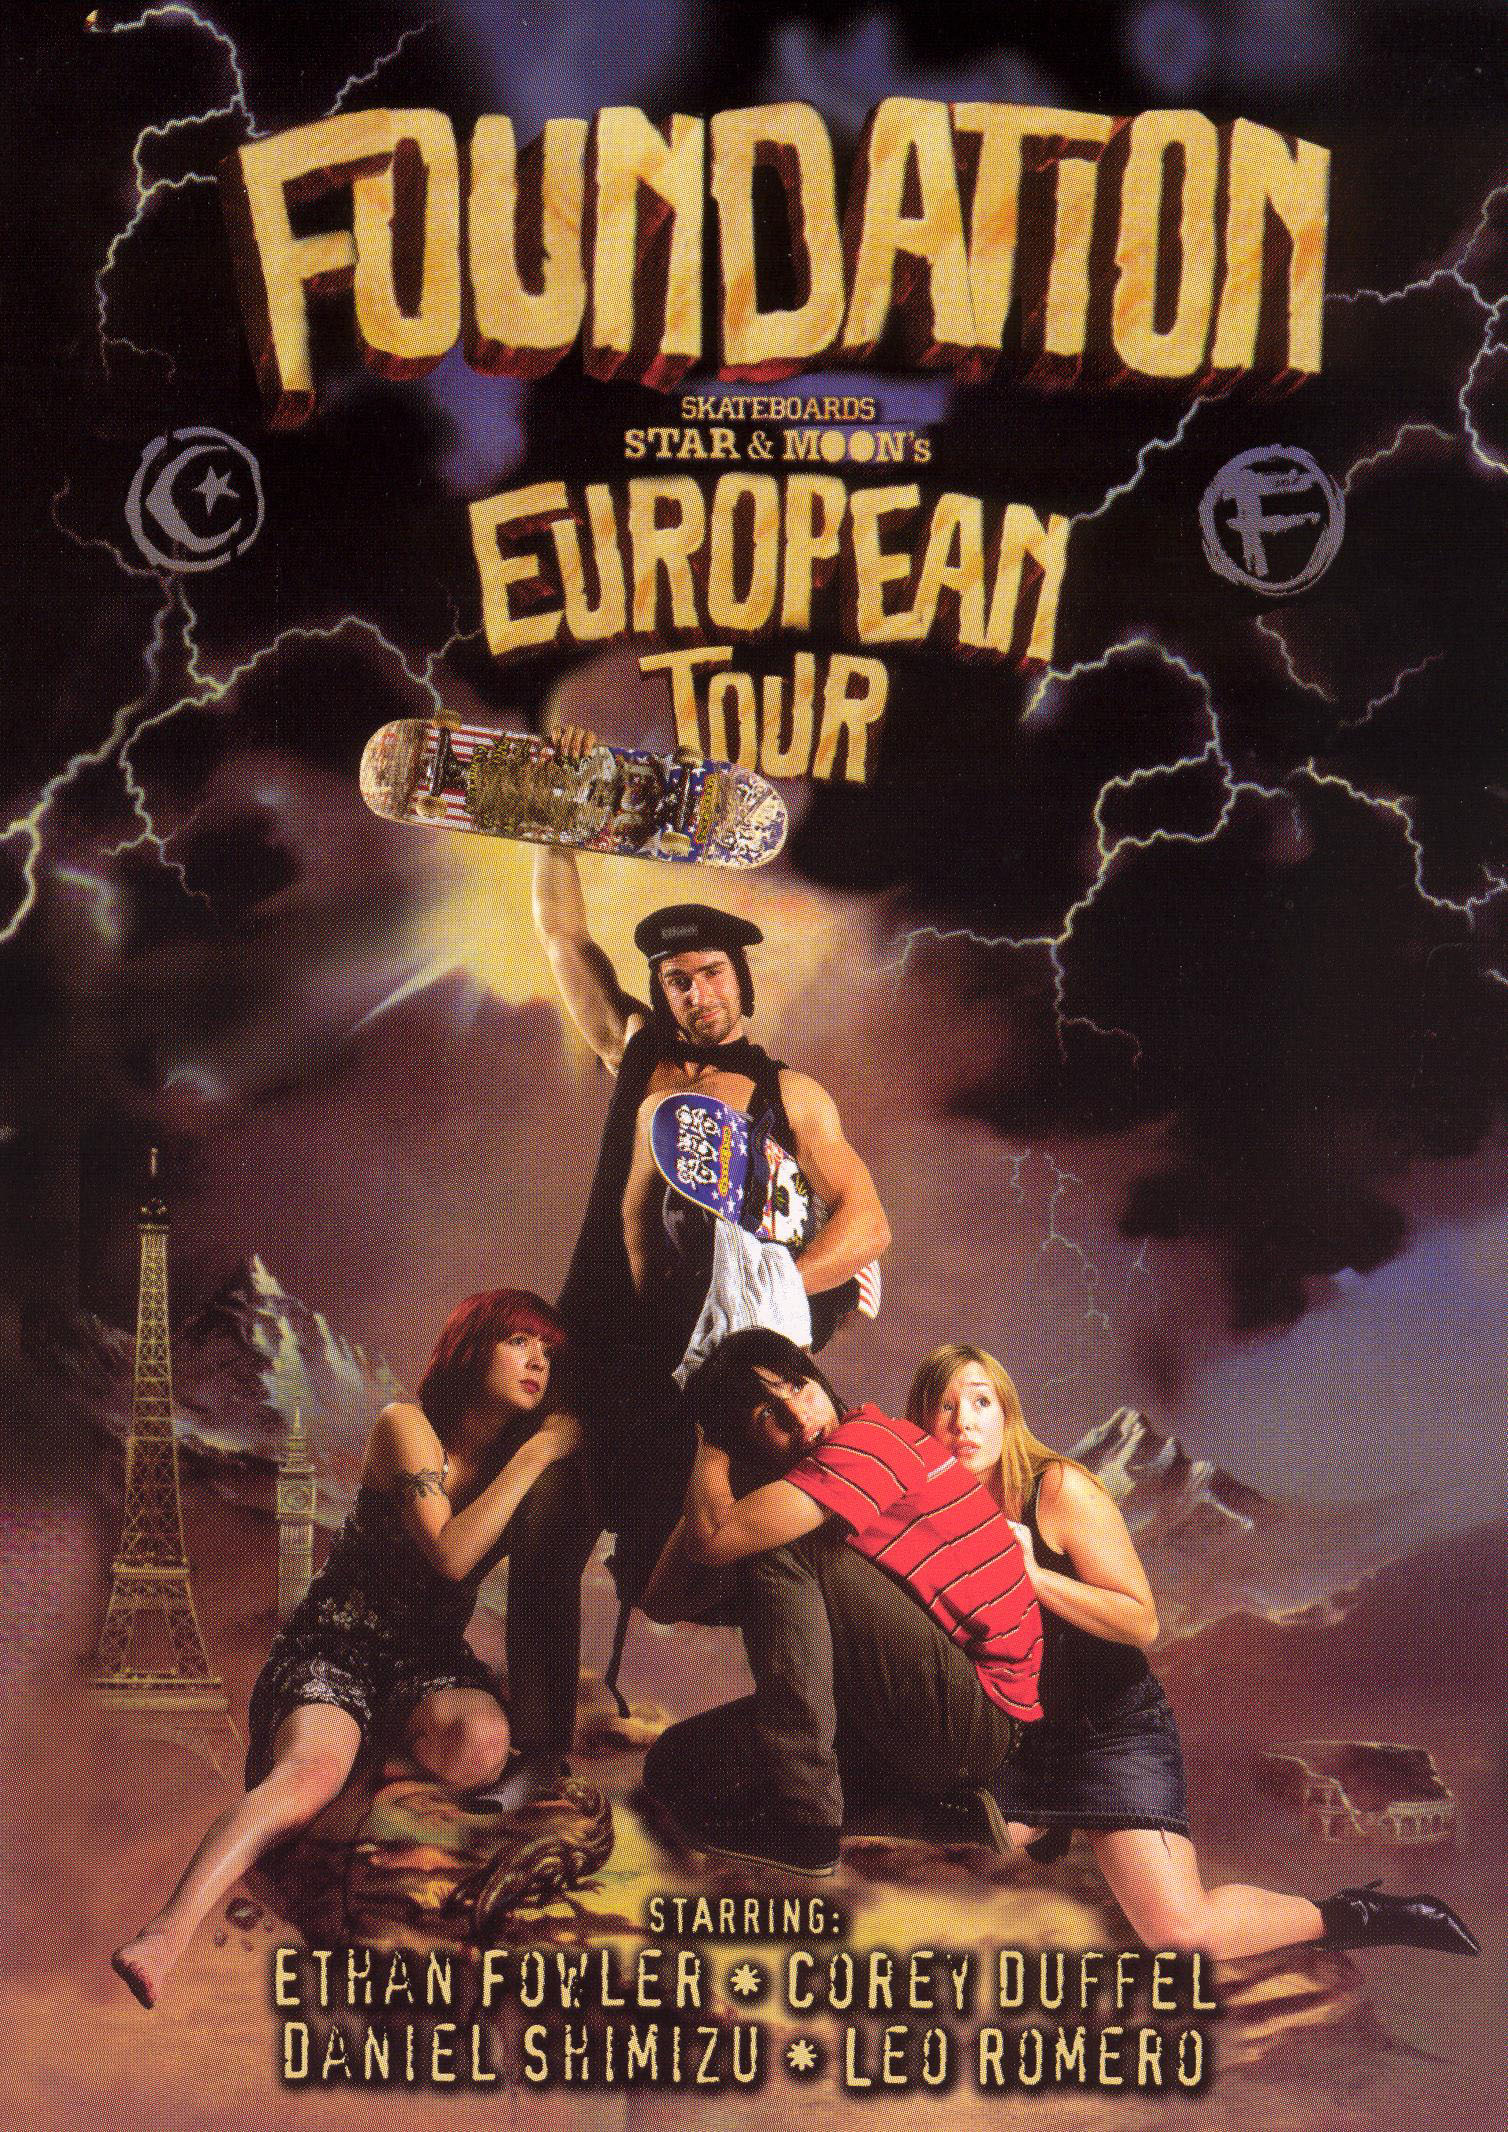 Foundation European Tour